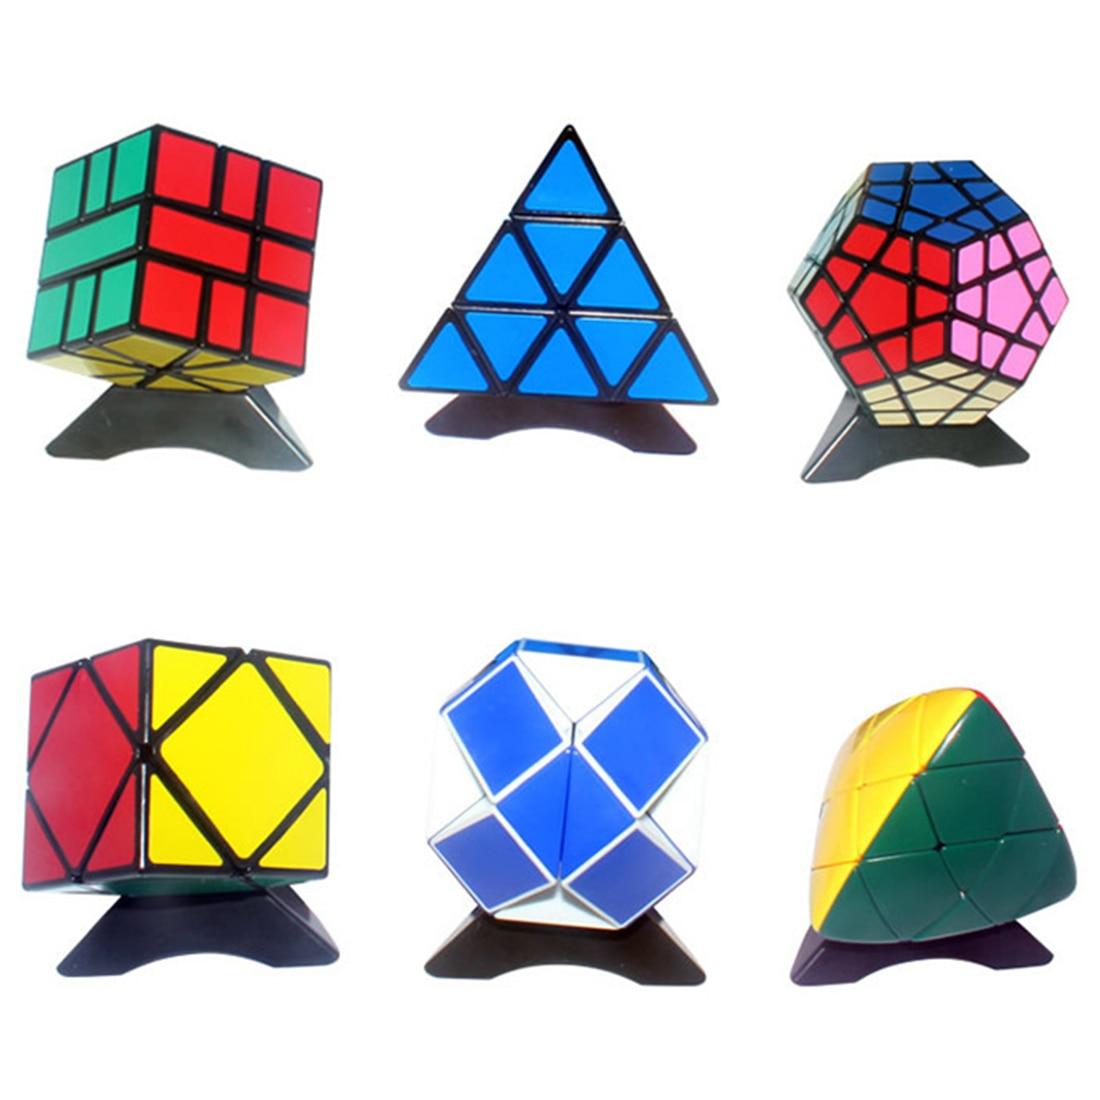 Shengshou Cube irrégulier Set 3x3x3 12-côtés Cube magique pyramide règle SQ-1 professionnel brochette Cubo Magico jouets pour enfants enfants